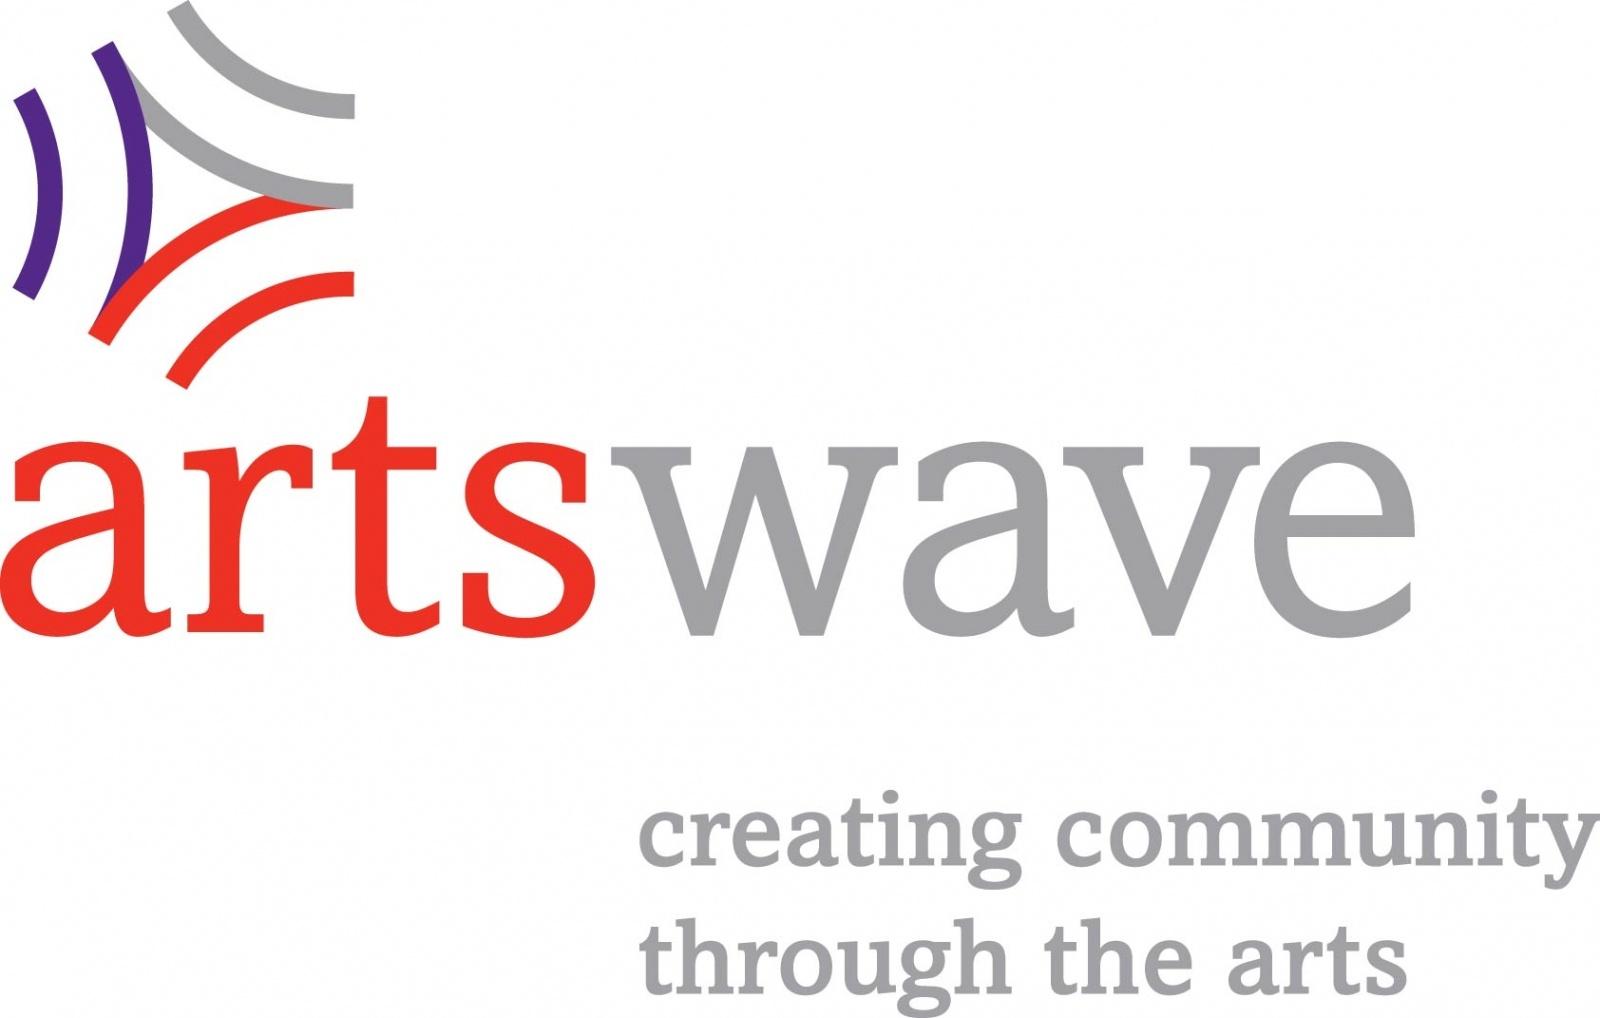 artswave_brandmark_no_rings_with_tagline.jpg